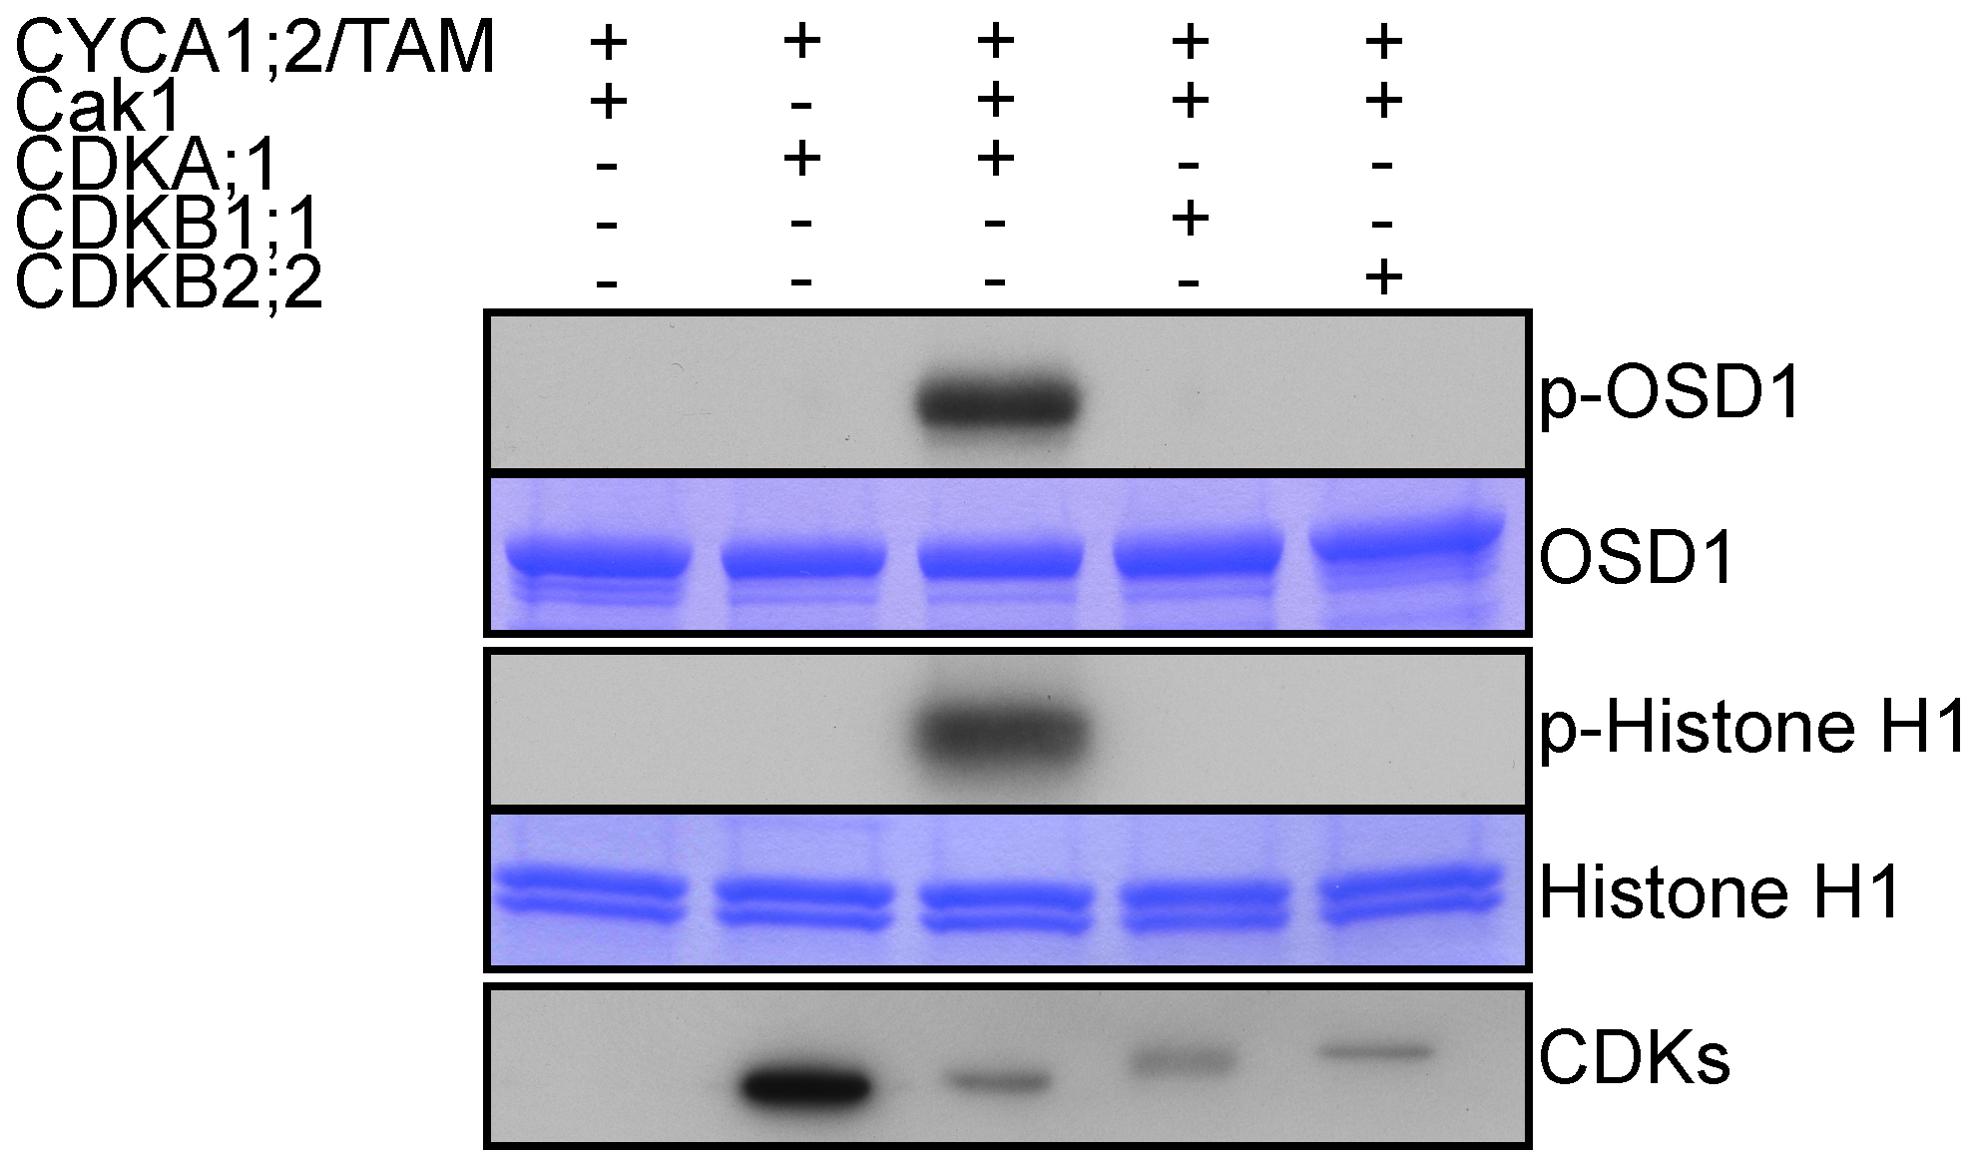 CDKA;1 is activated by CYCA1;2/TAM and phosphorylates OSD1 <i>in vitro</i>.